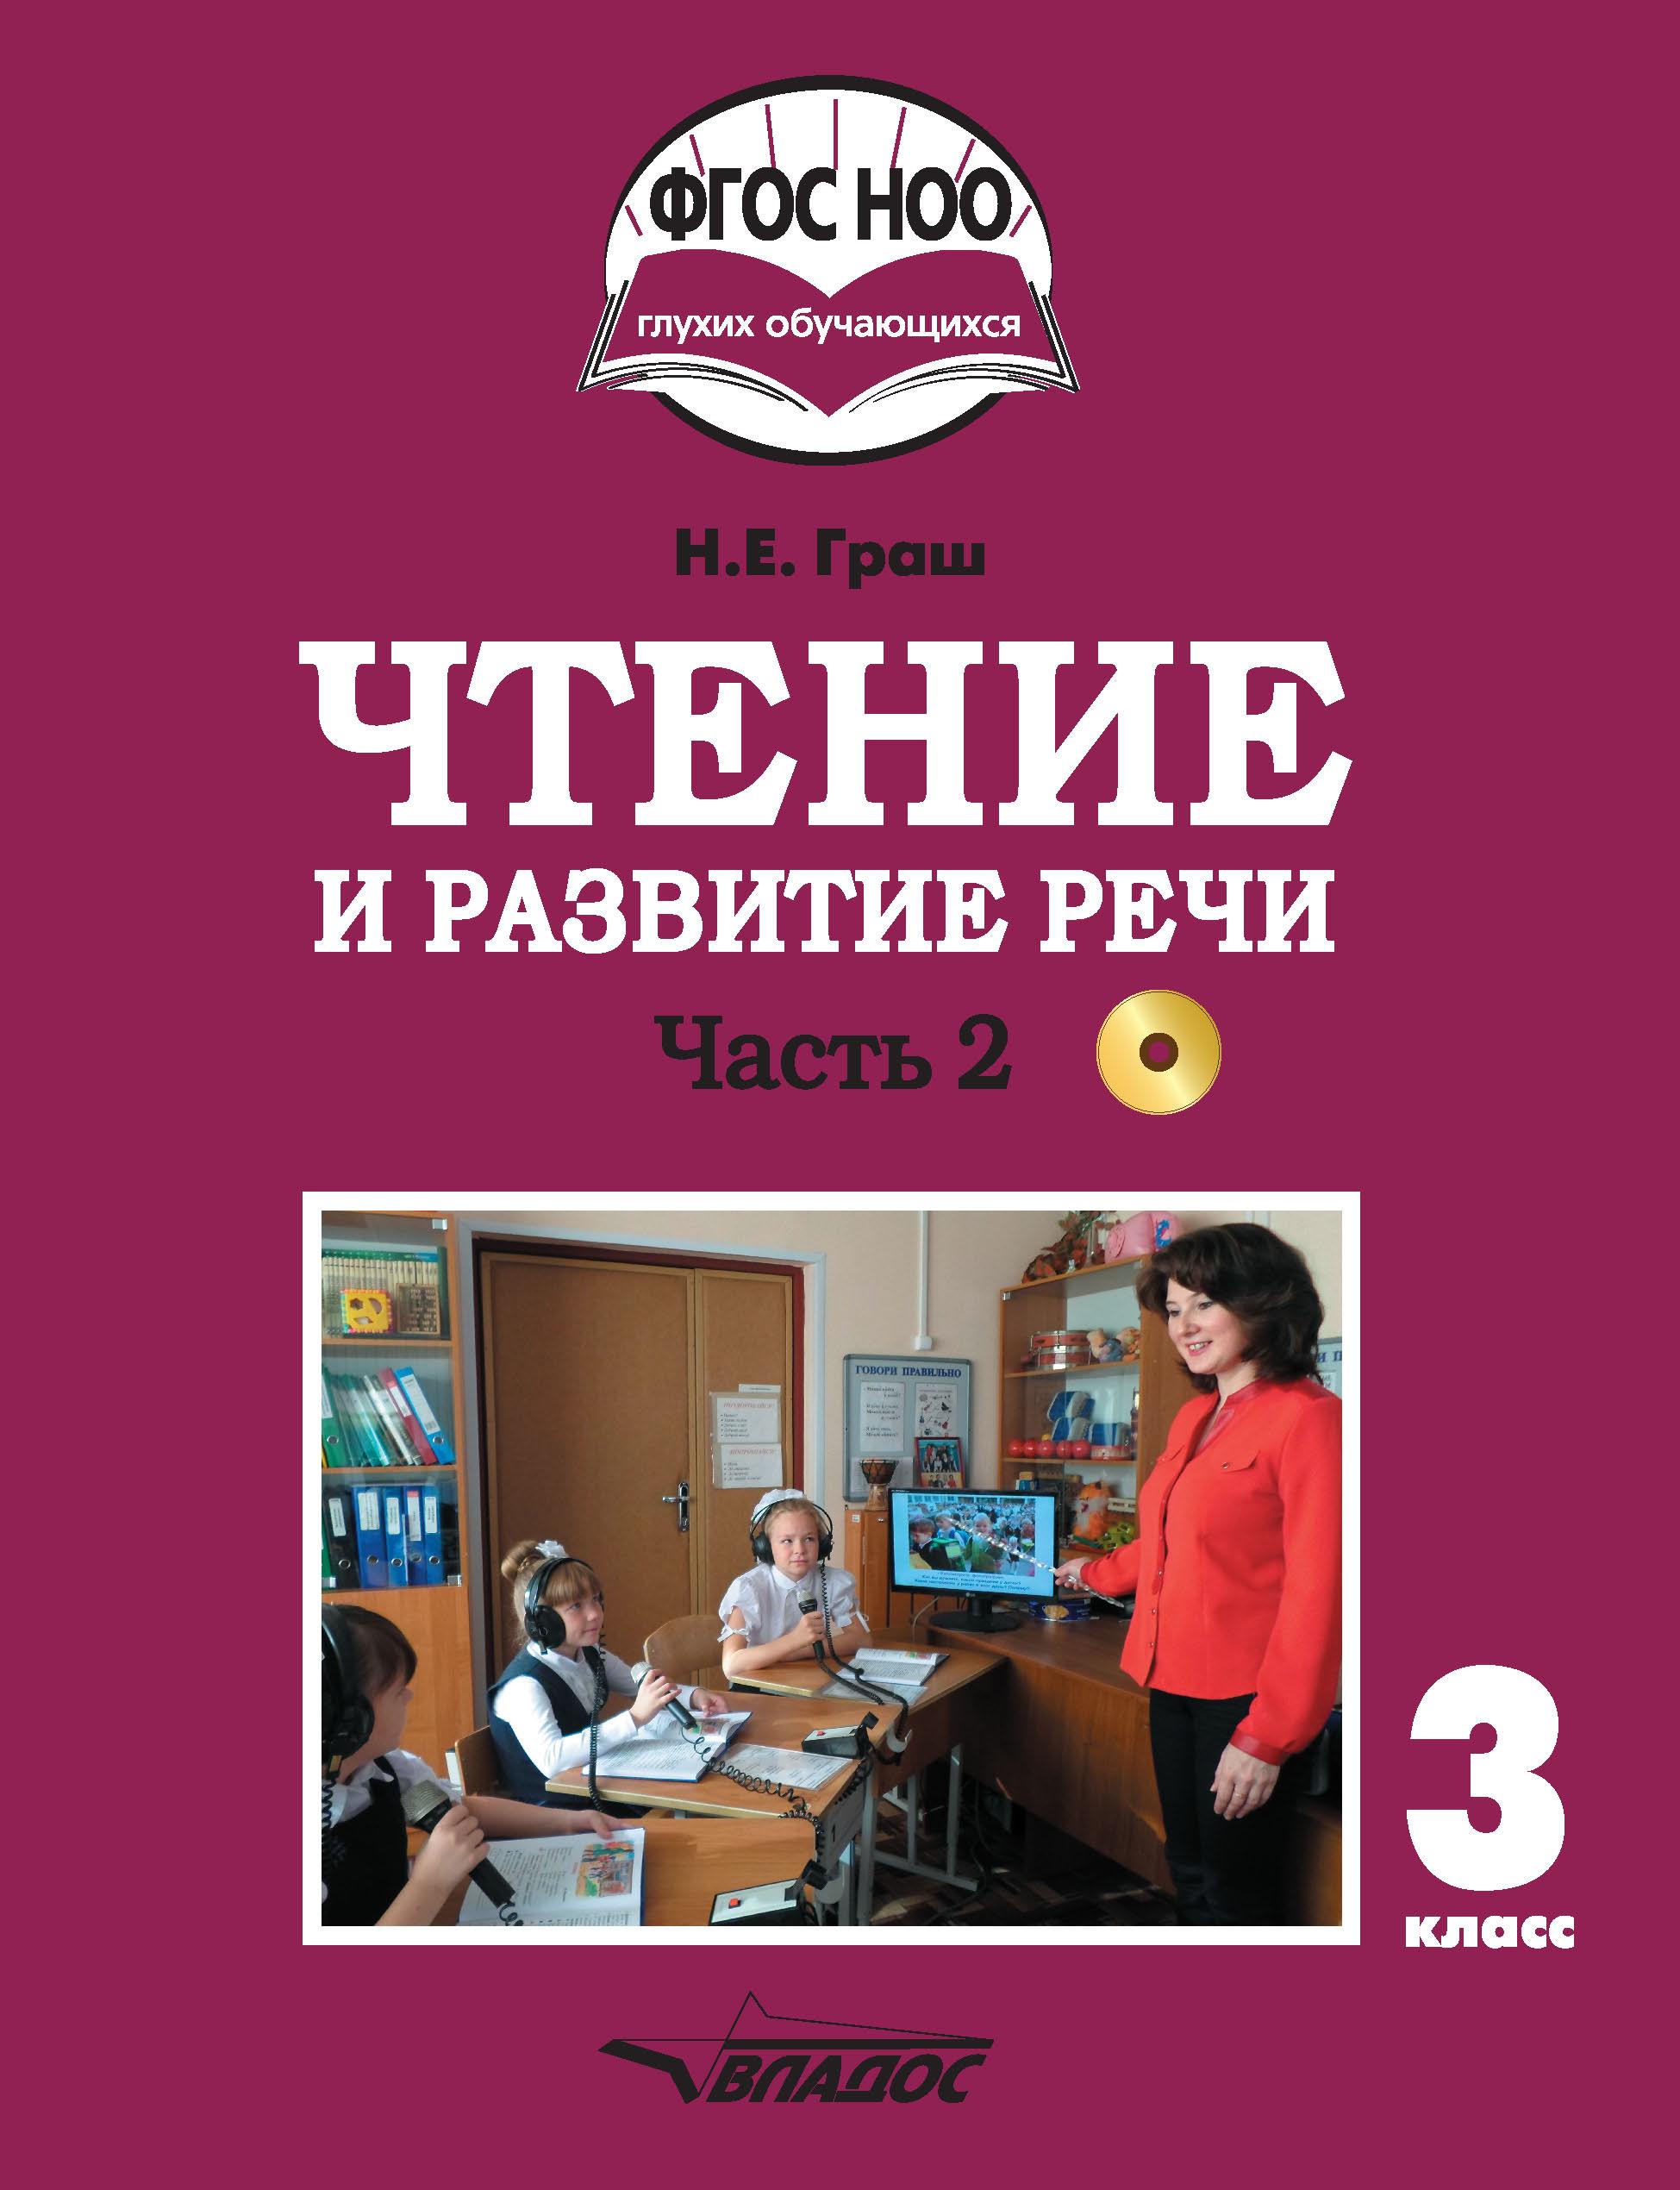 Чтение и развитие речи. 3 класс. Часть 2 ( Н. Е. Граш  )